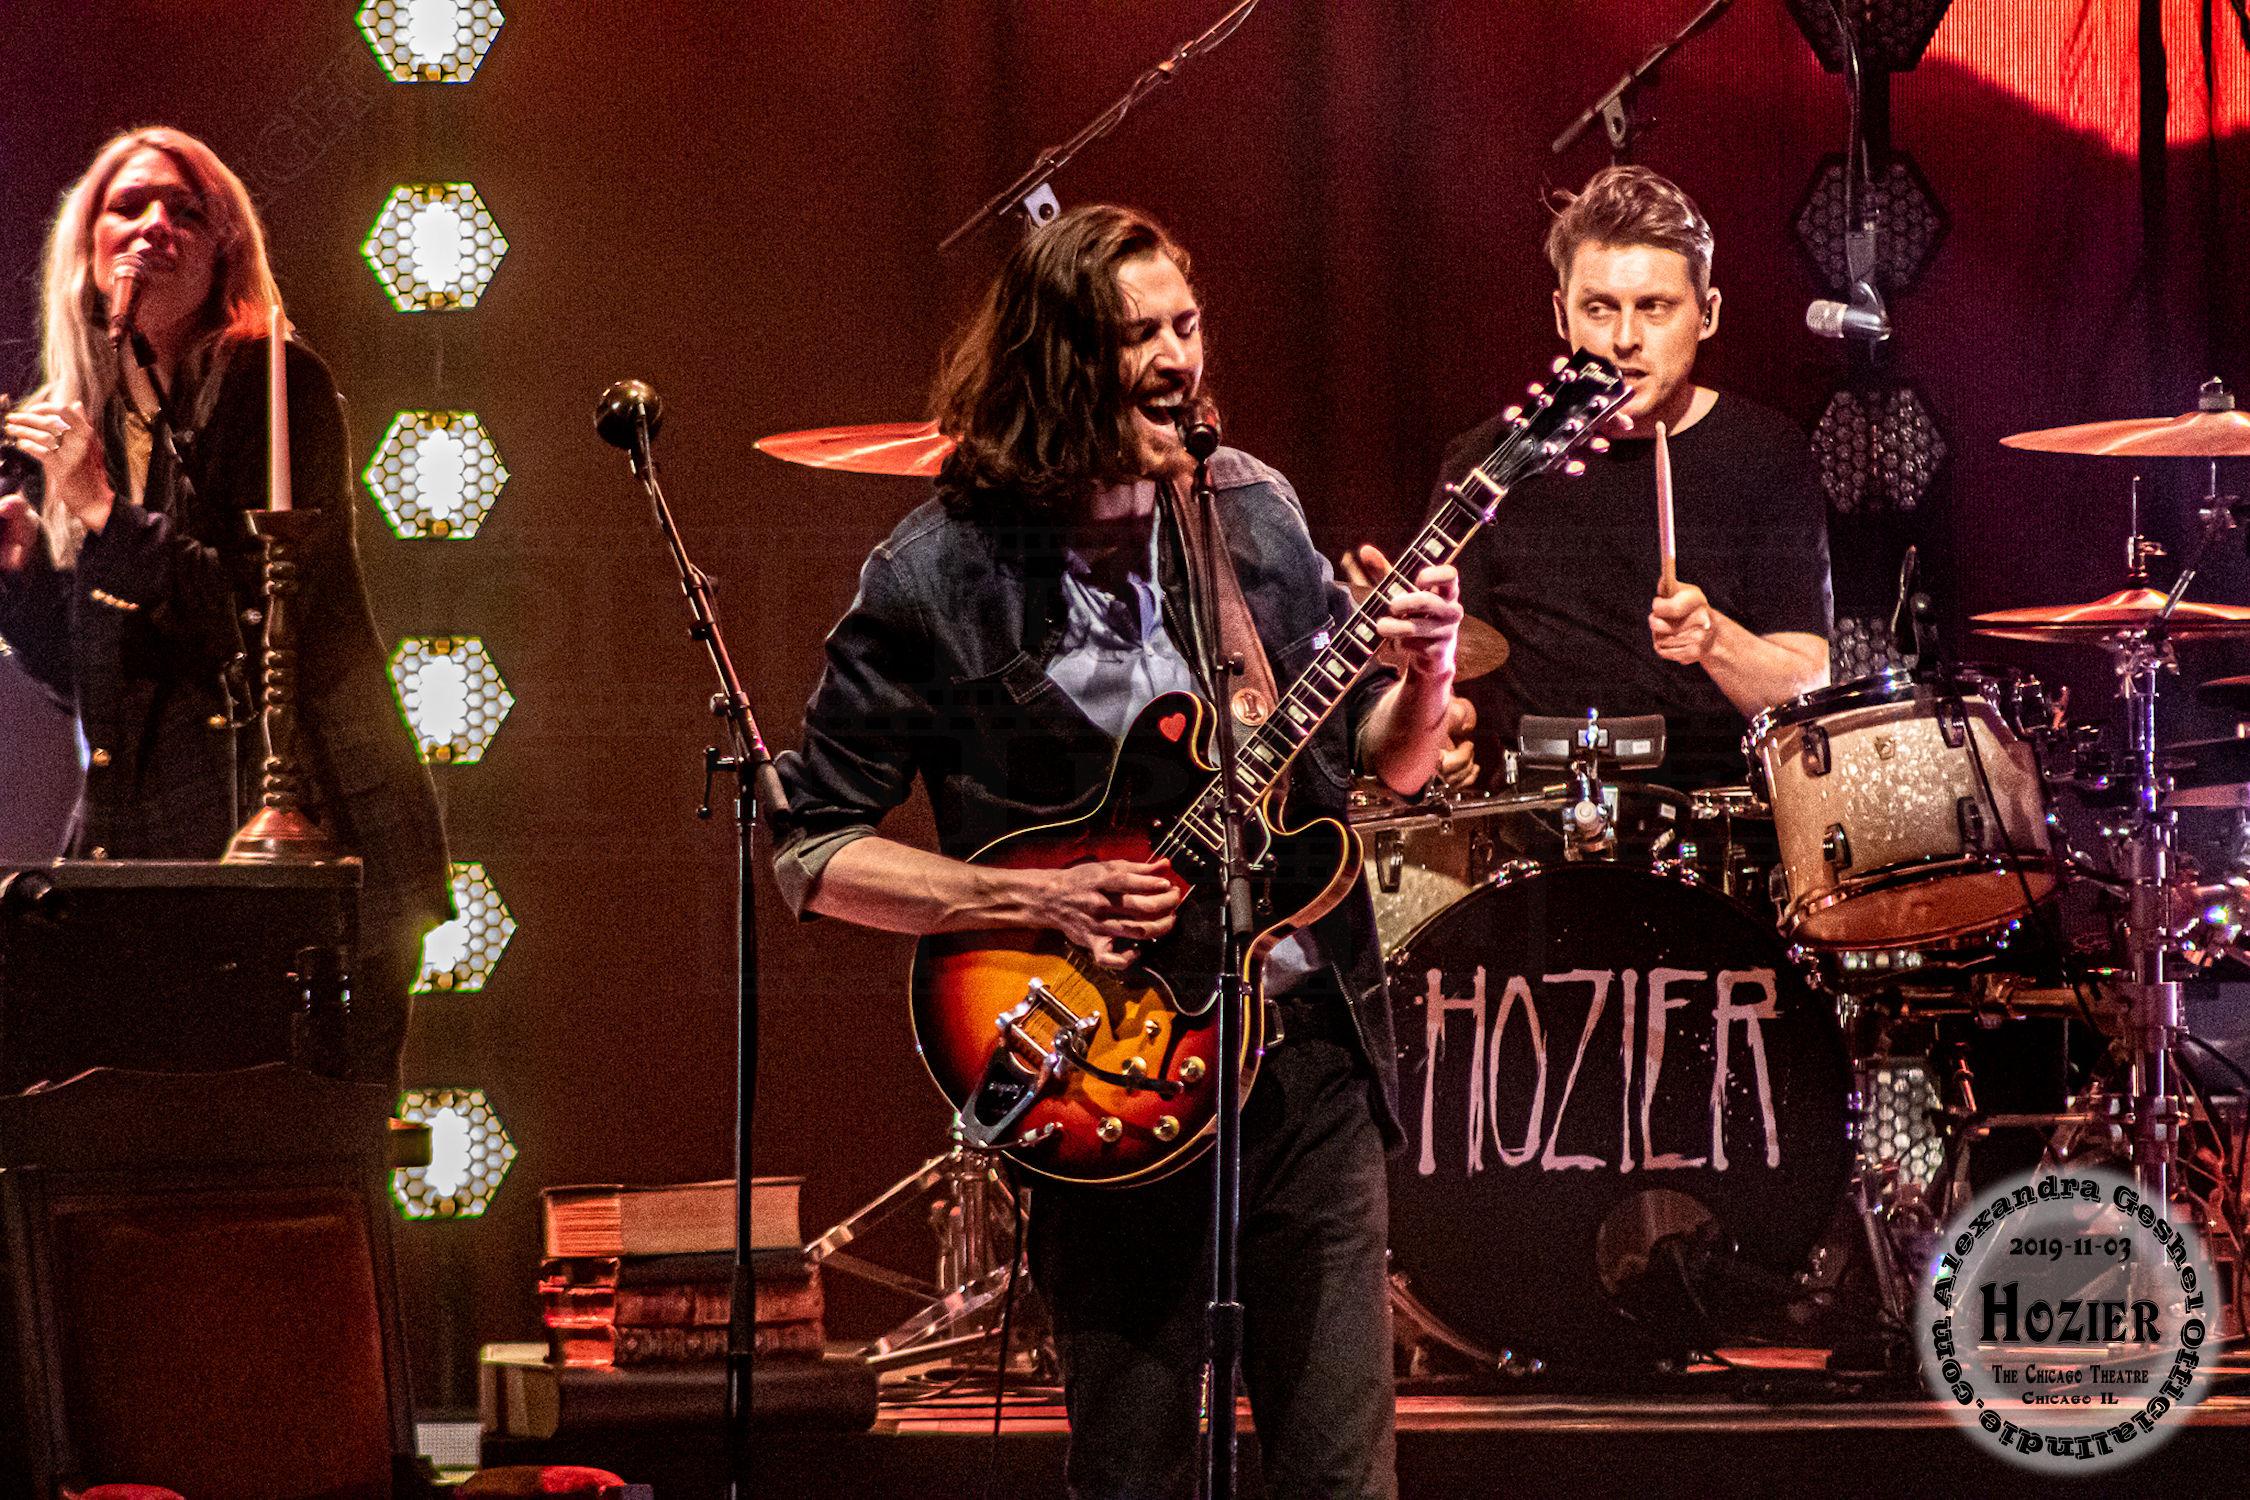 Hozier007